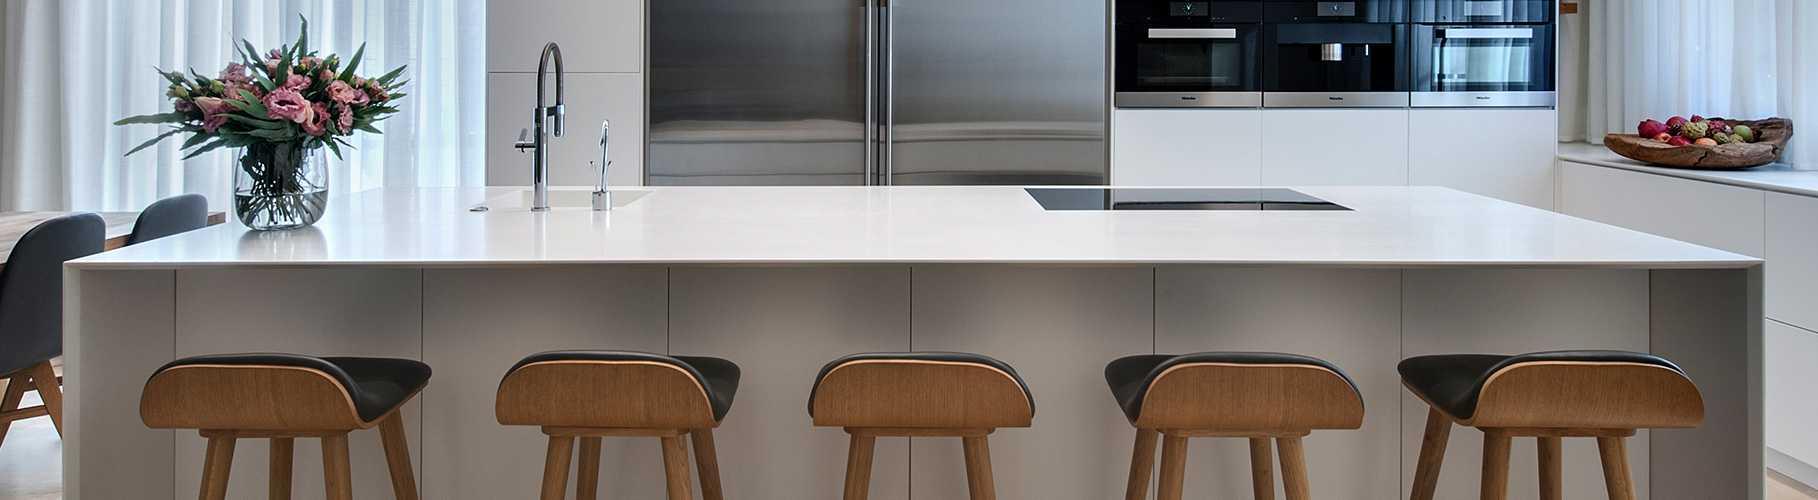 מטבח מודרני לבן עם משטח קוריאן אי ו- 5 שרפרפים